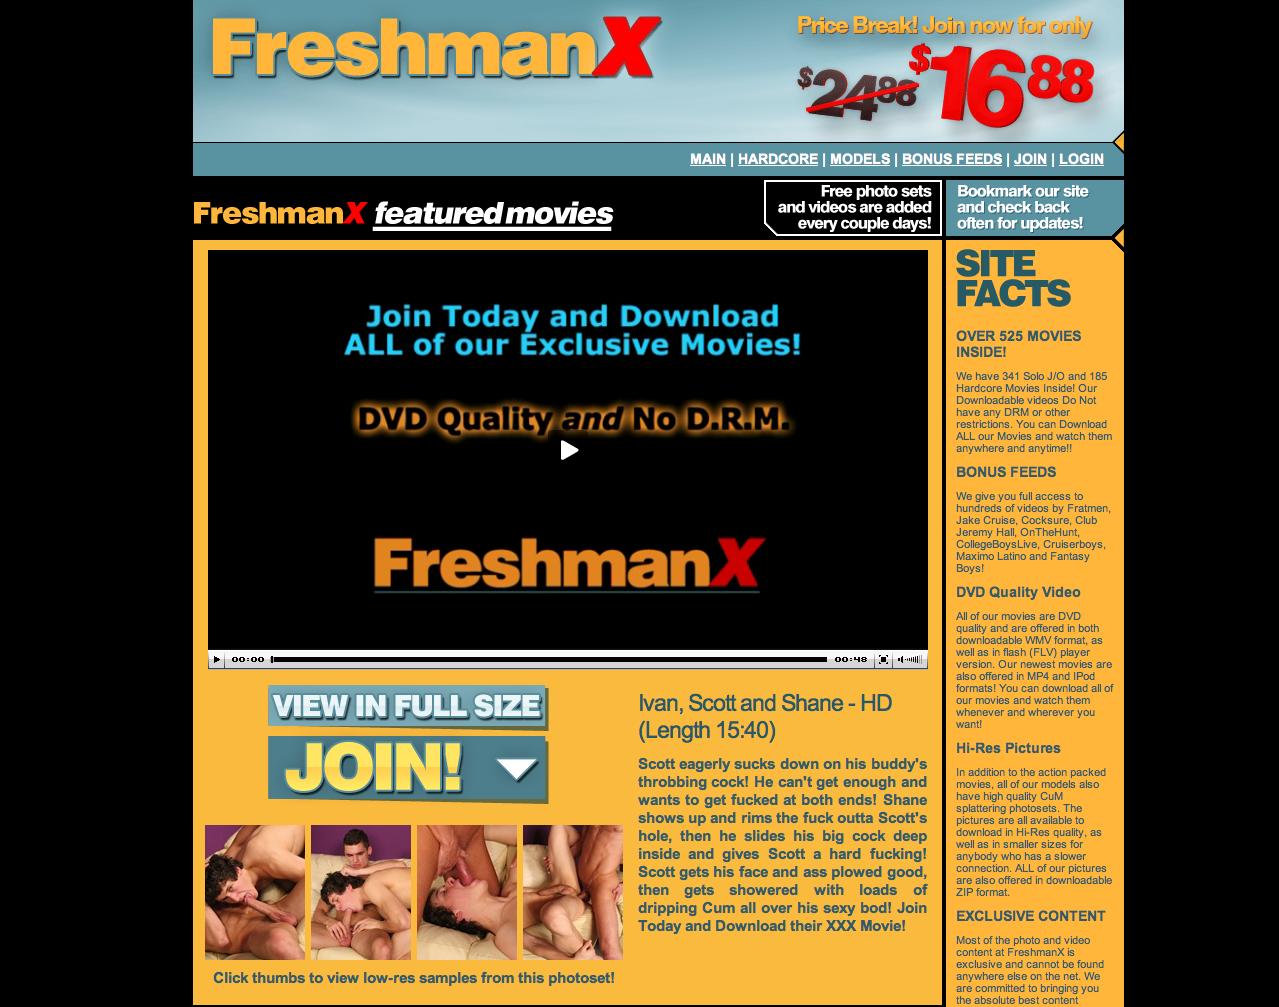 FreshmanX